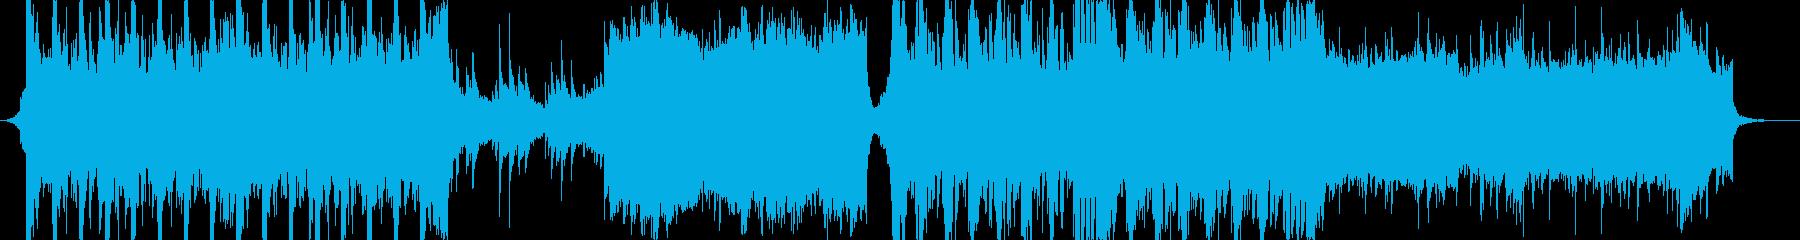 ストーリー性のあるバトルBGMの再生済みの波形